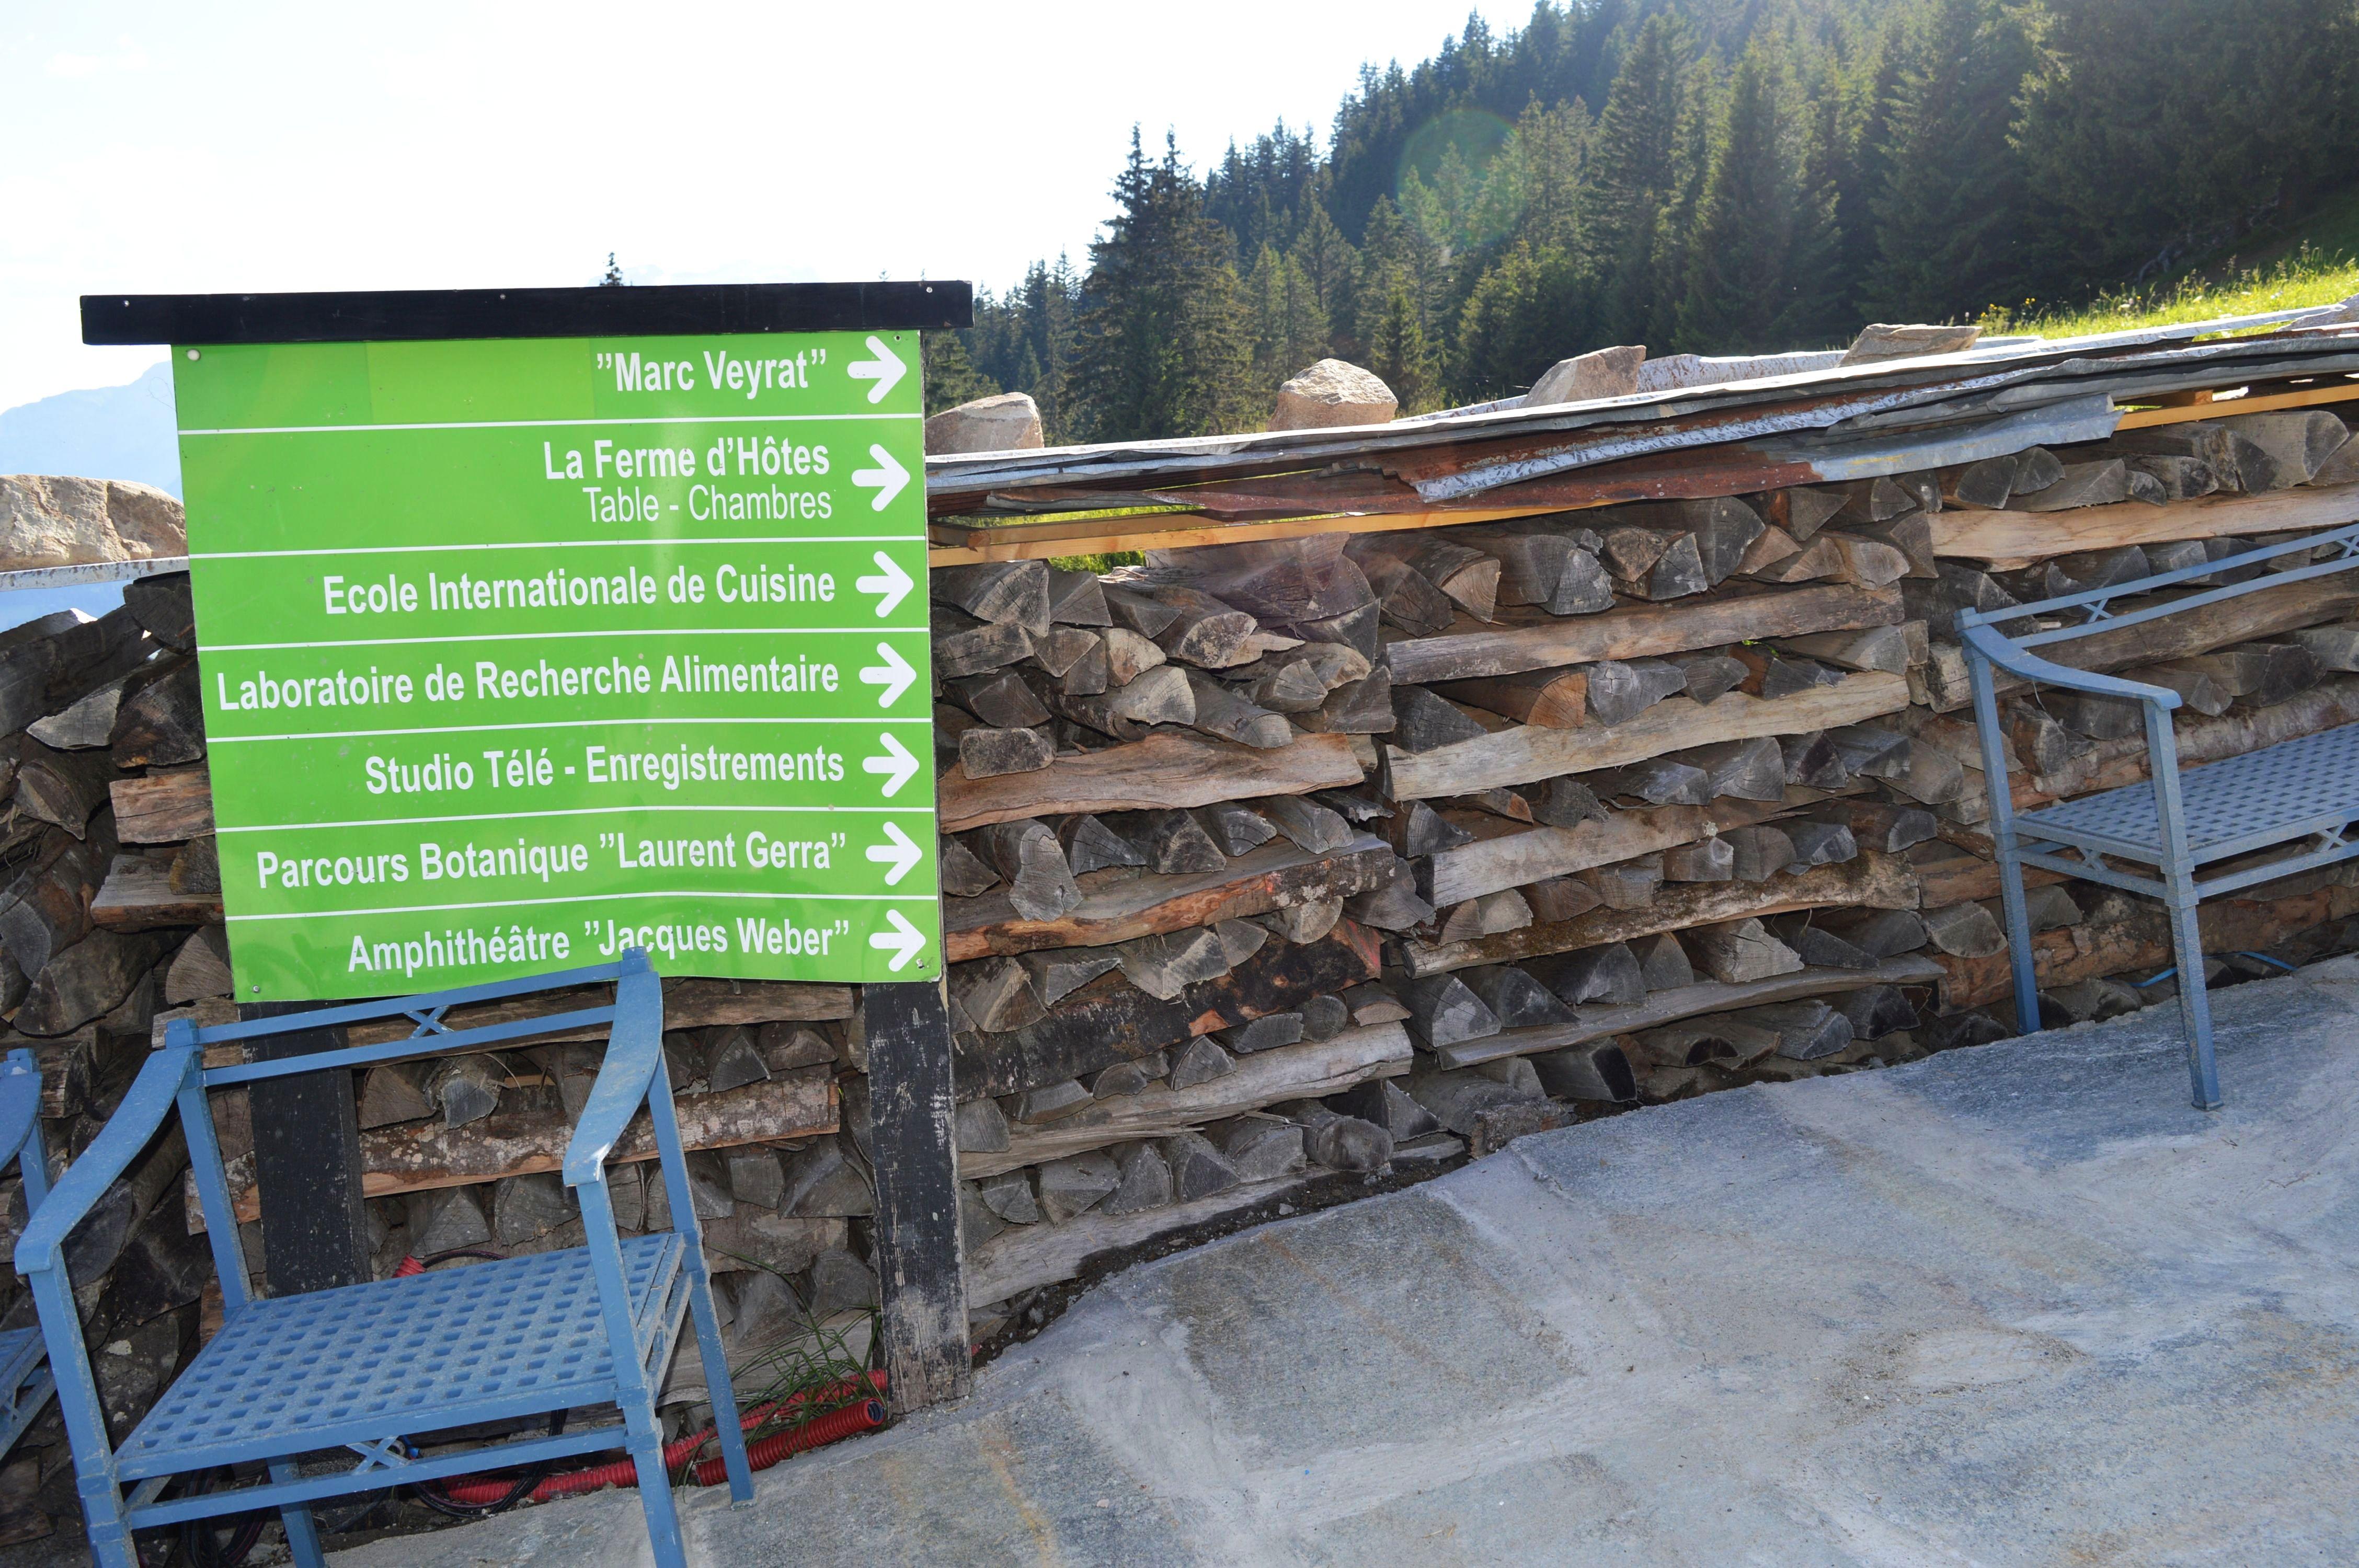 Sarbatoarea-Gustului-Gusturi-si-Destinatii-Franta-Savoie-Manigou-Marc-Veyrat-43